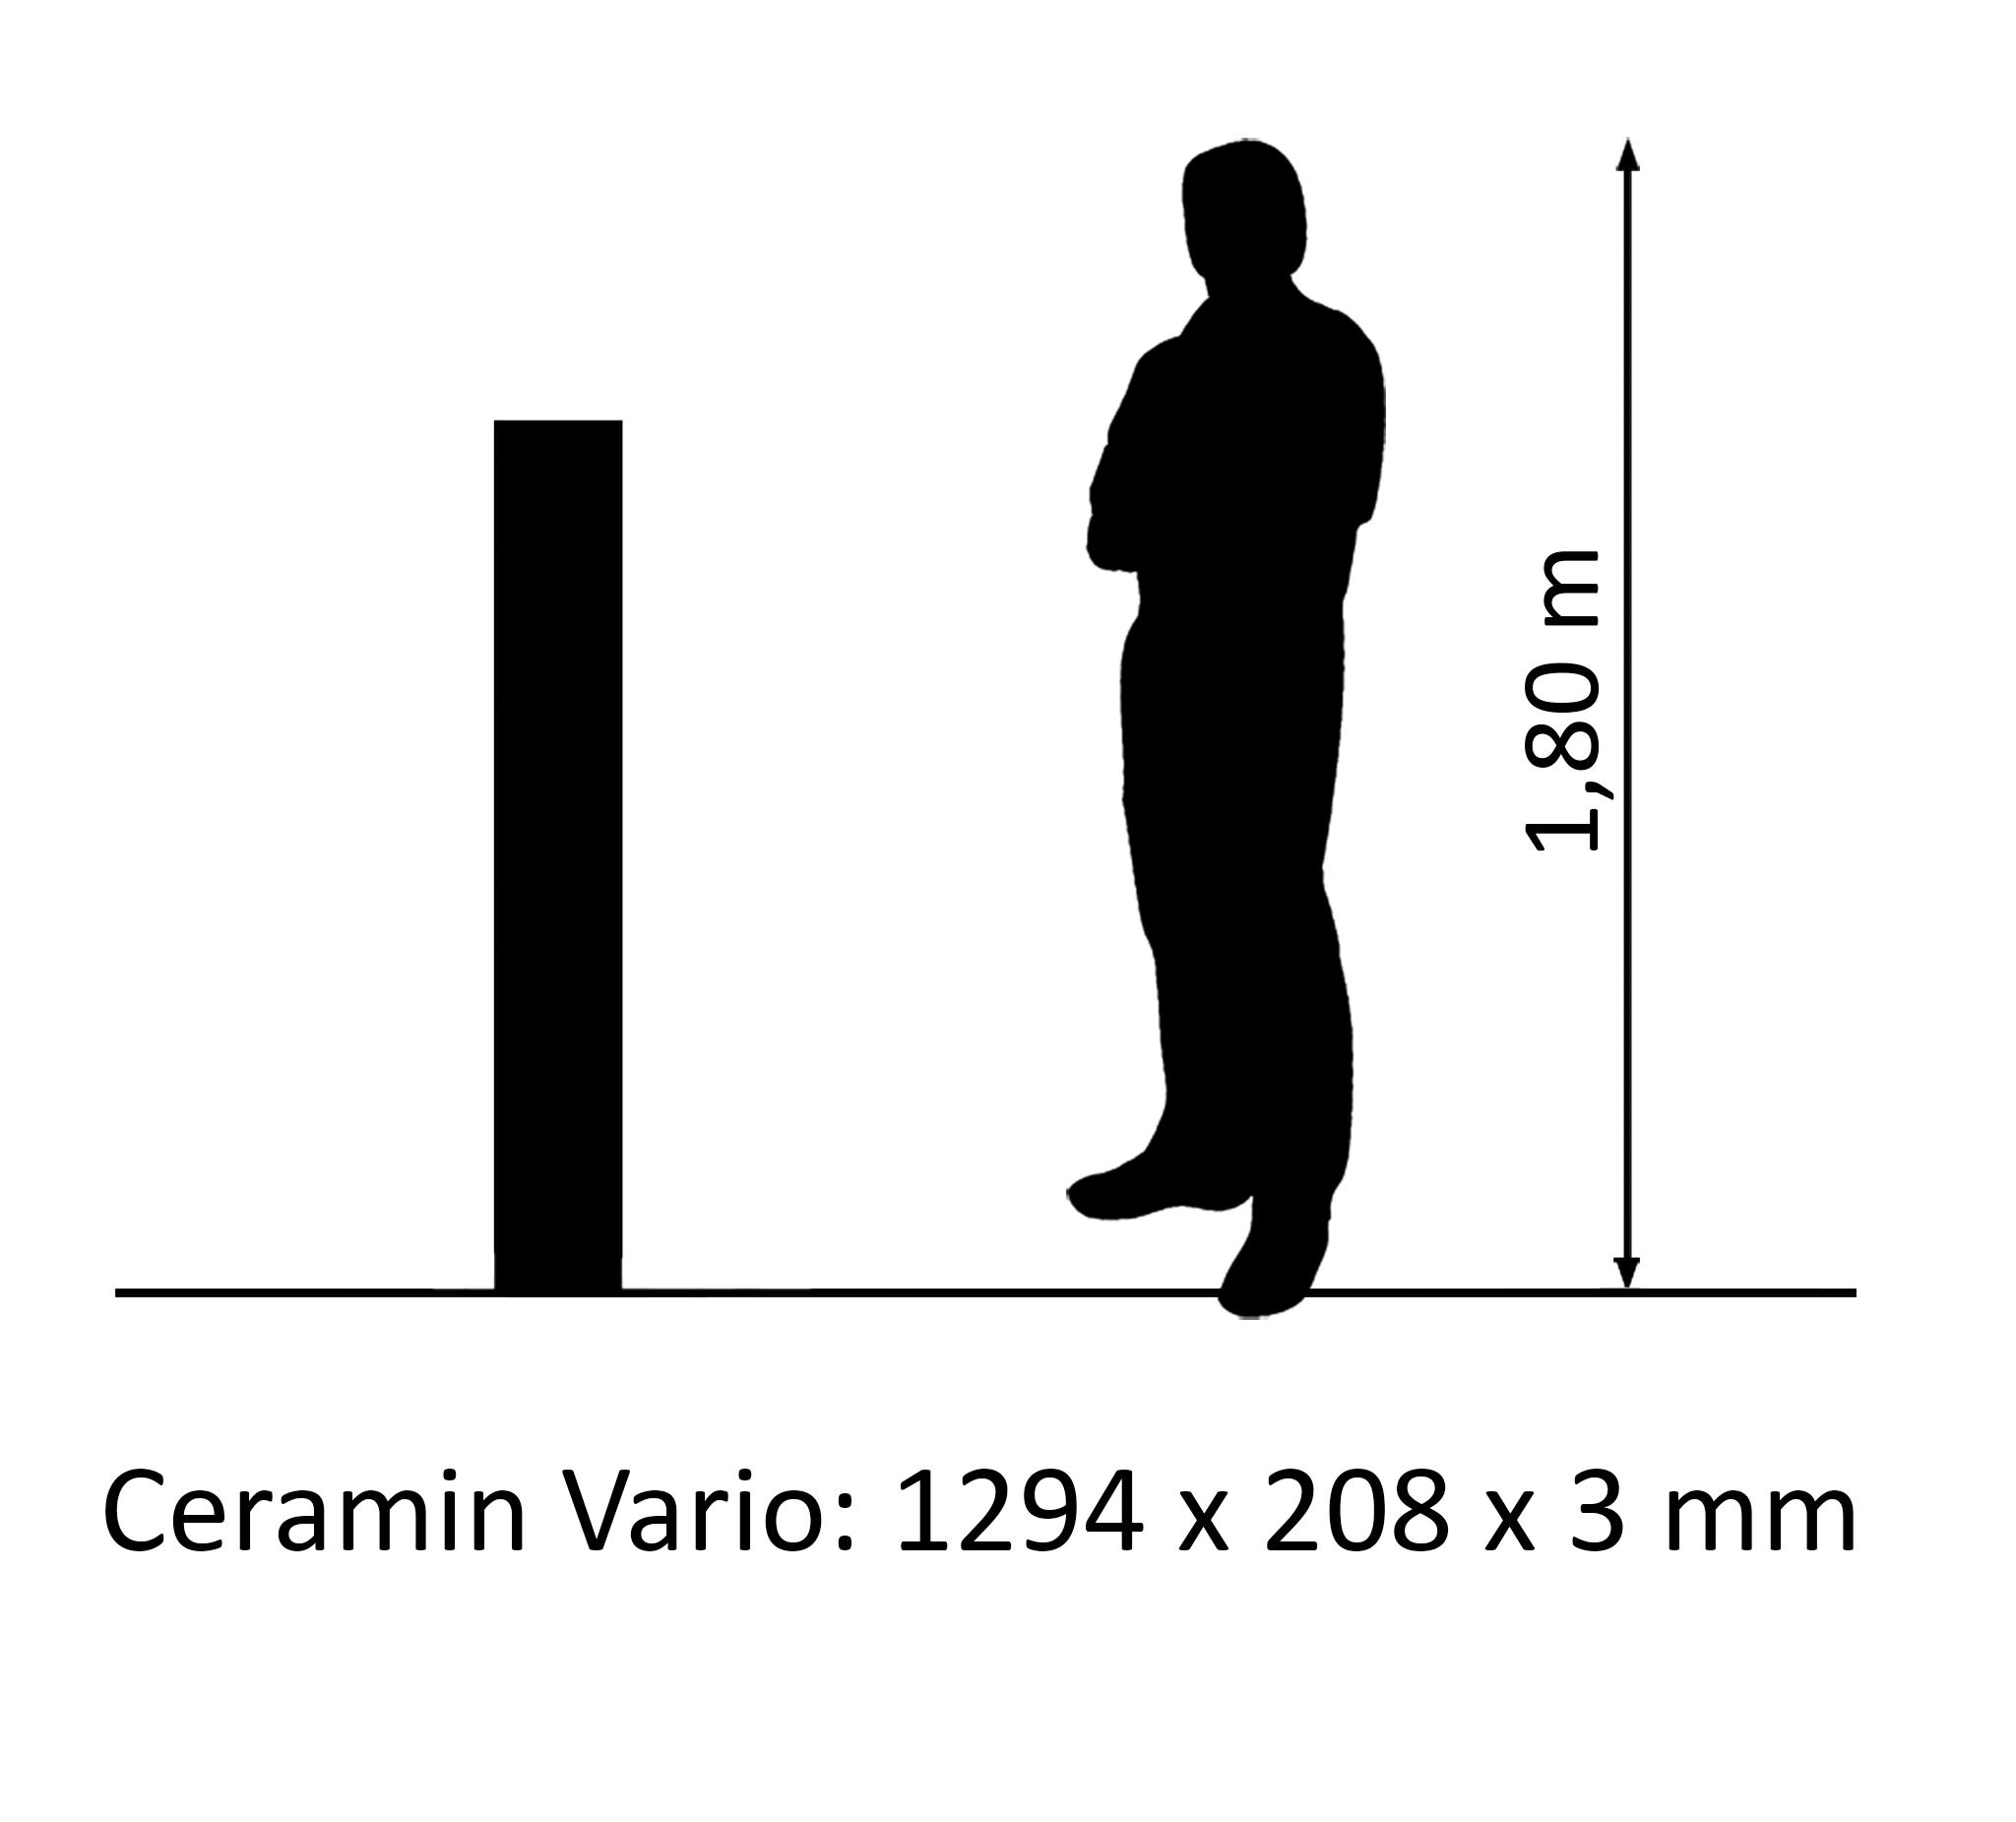 Ceramin Vario Tulipier darkened